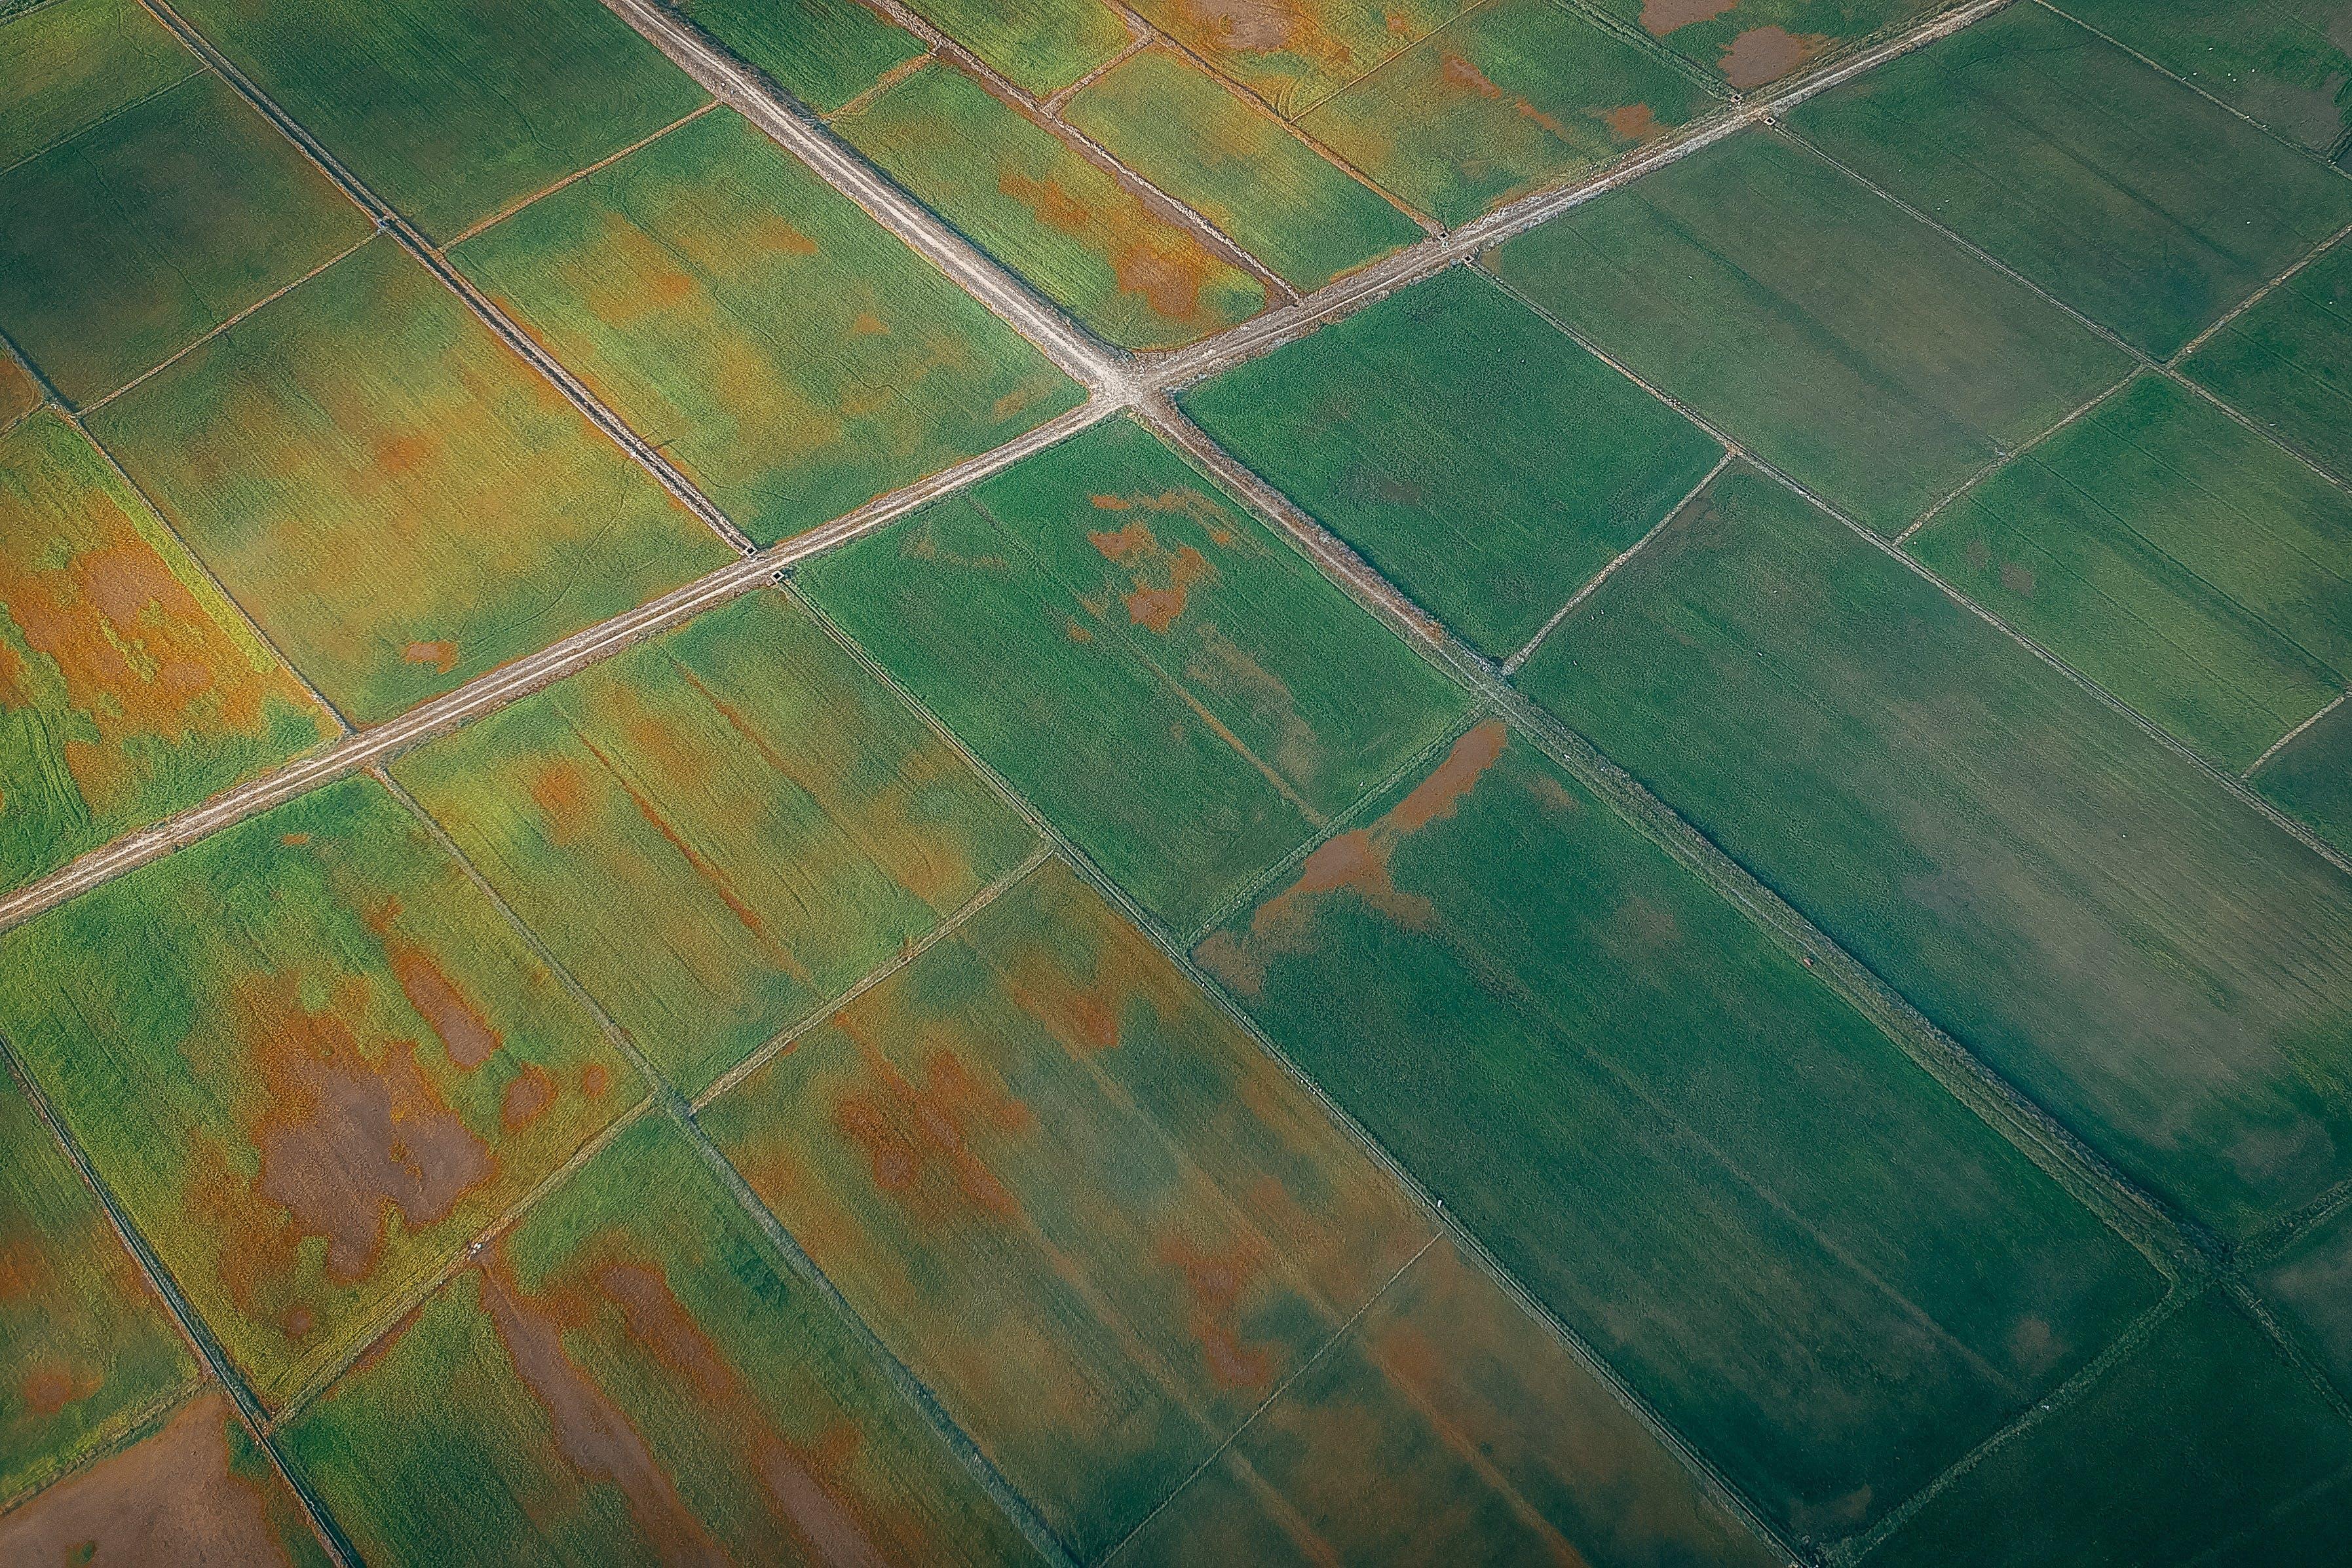 Foto d'estoc gratuïta de aeri, camps de cultiu, estampat, foto aèria